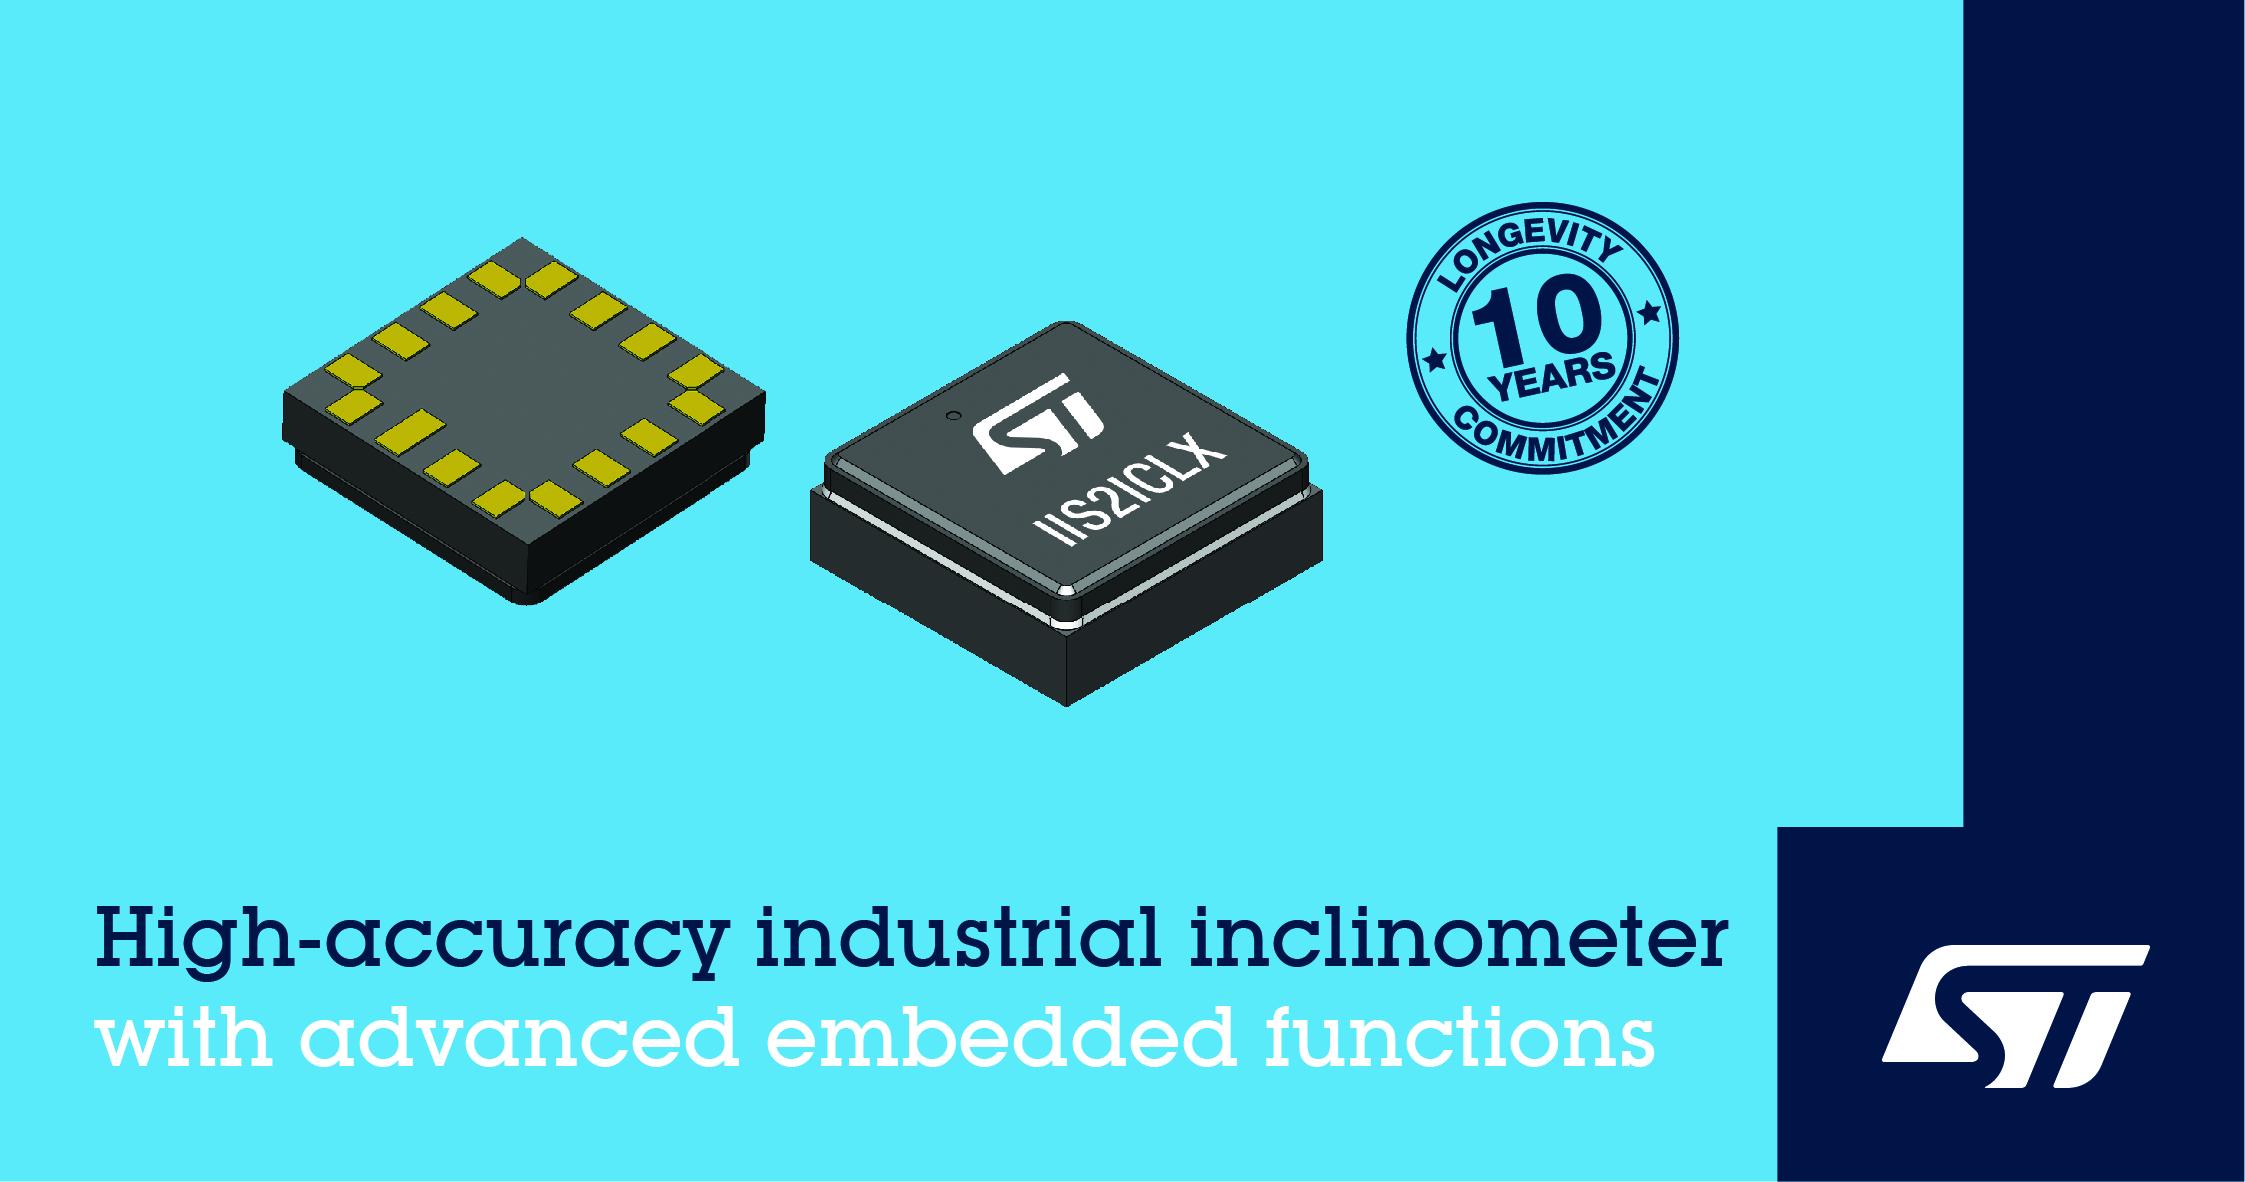 意法半导体推出内置机器学习内核的高精度测斜仪